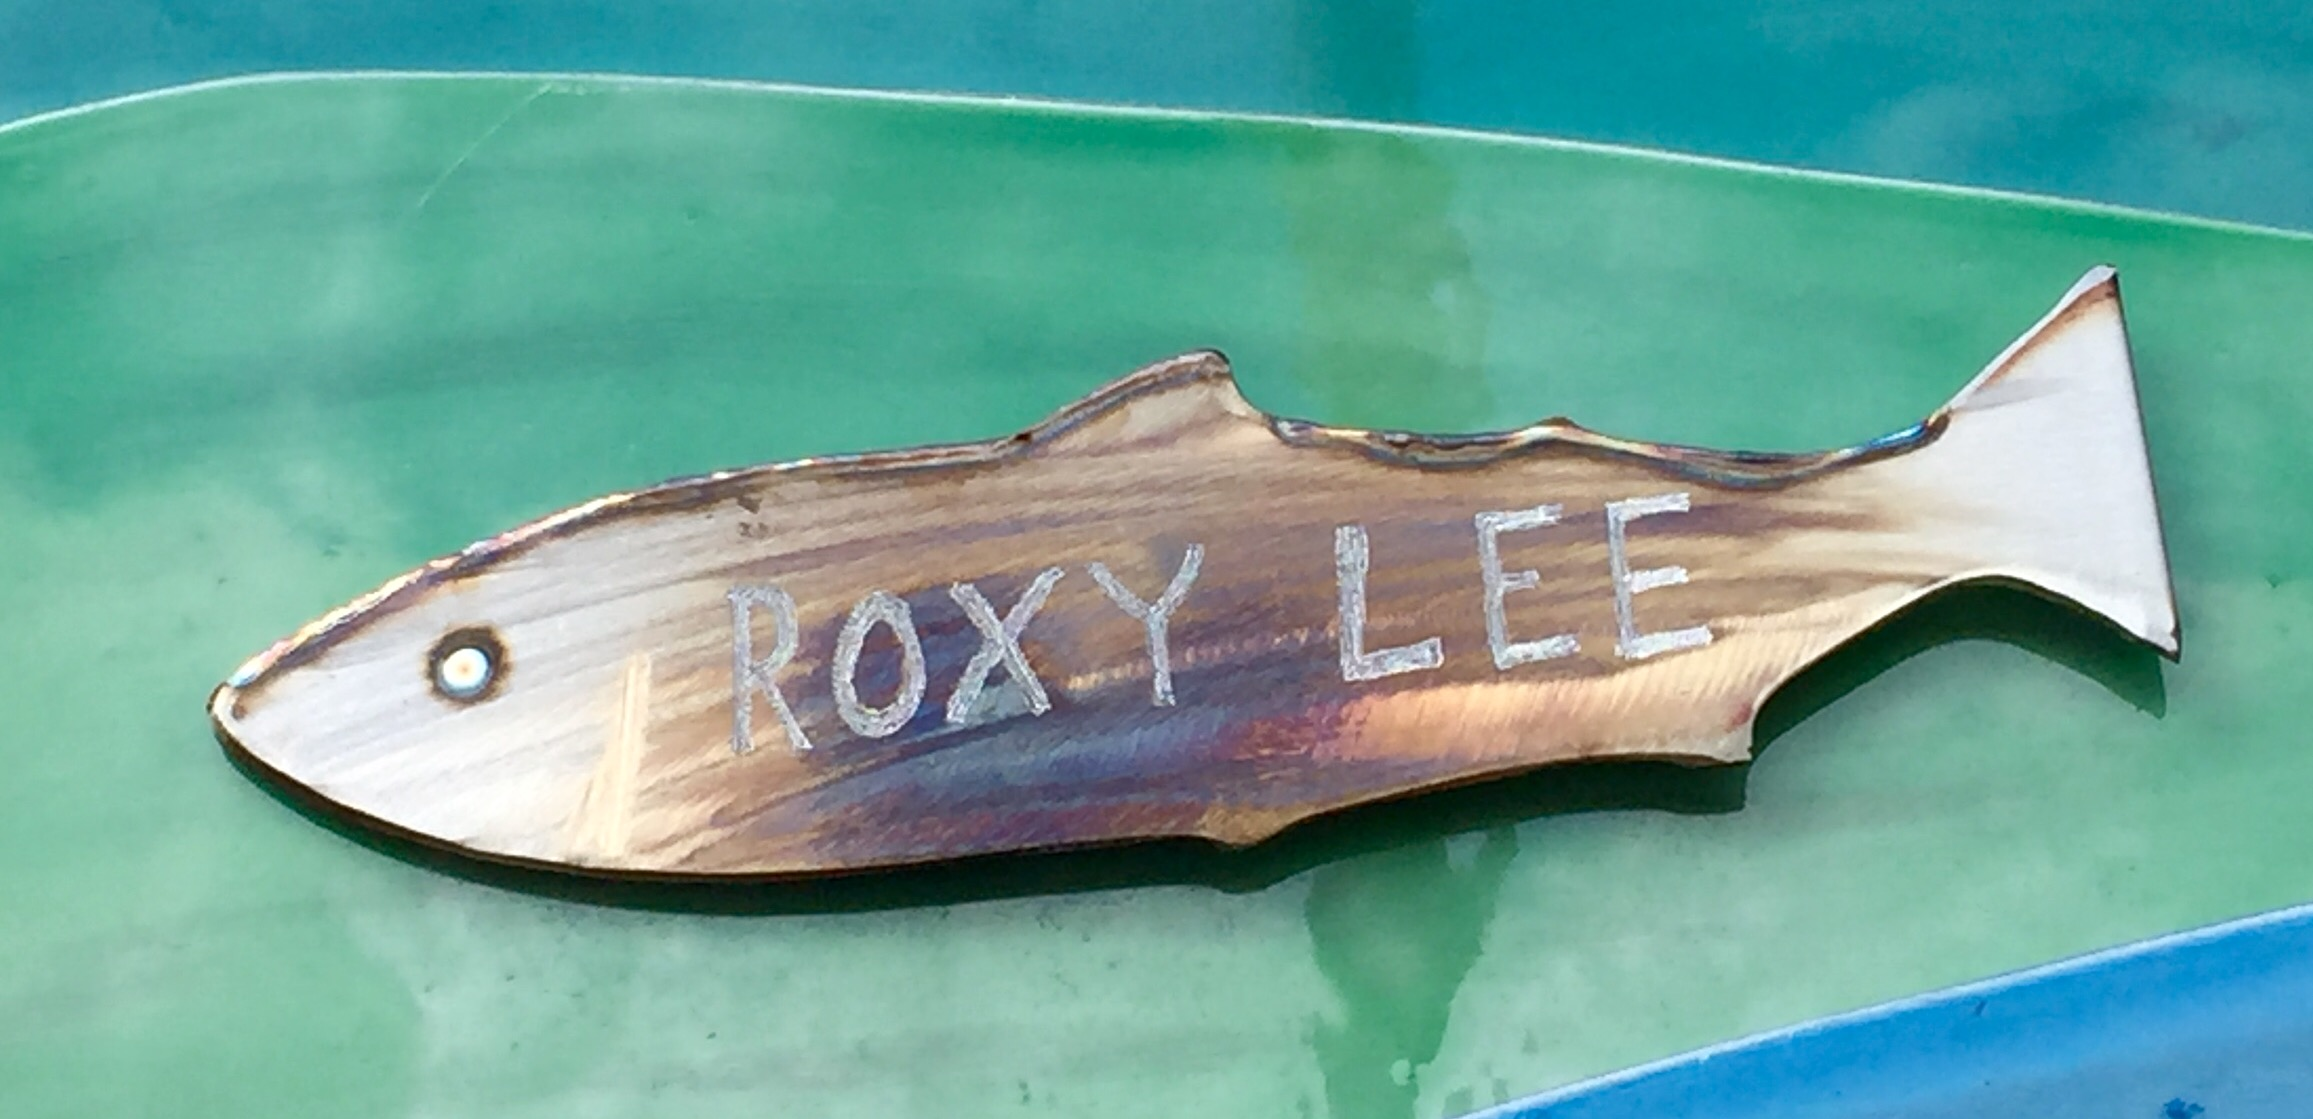 Lee Roxy.jpg